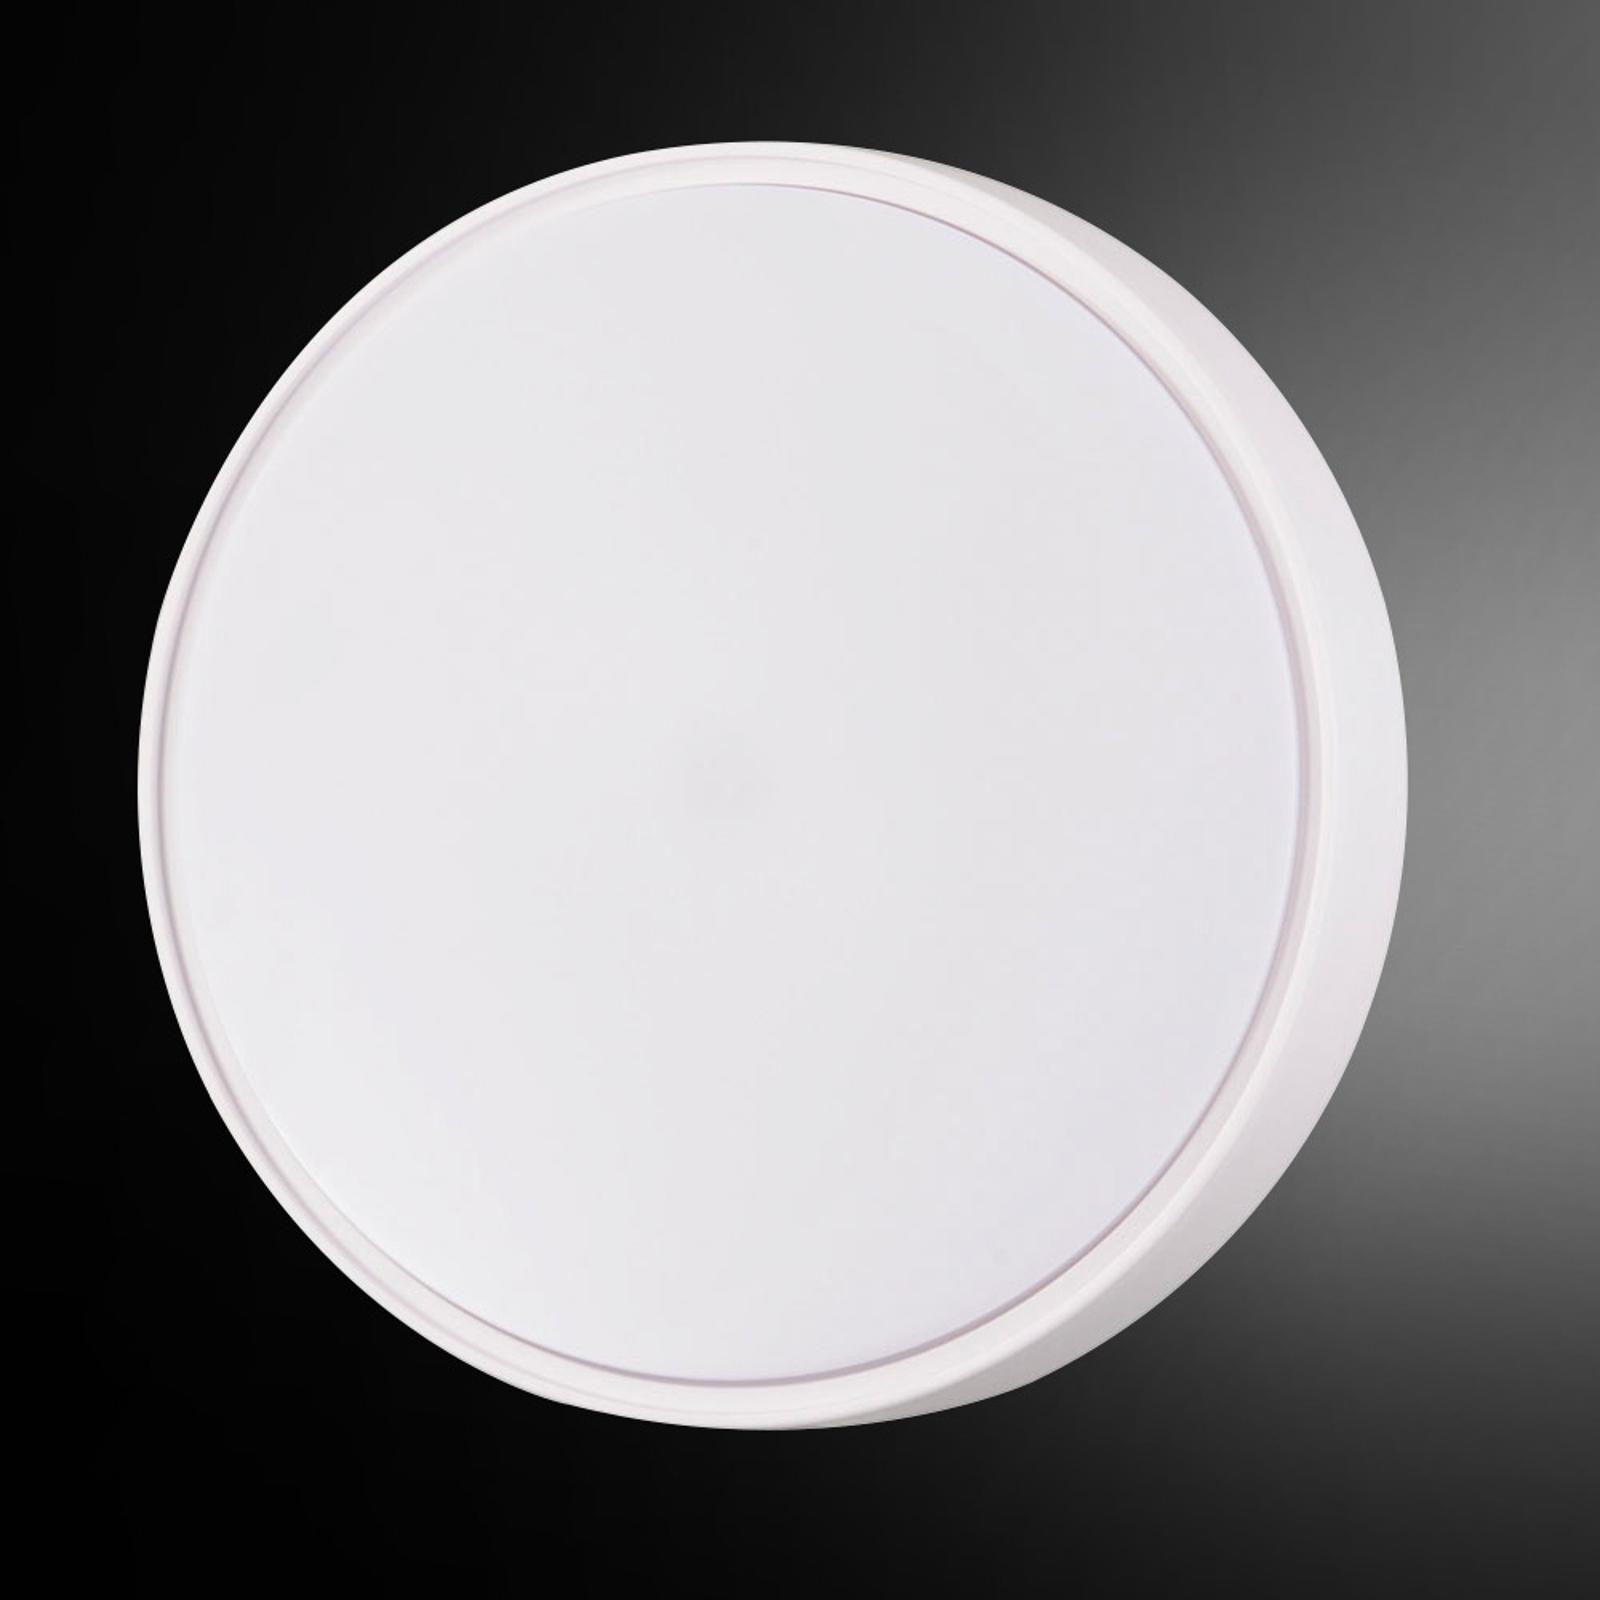 LED-plafondlampa Hatton IP65 30 cm för klart ljus